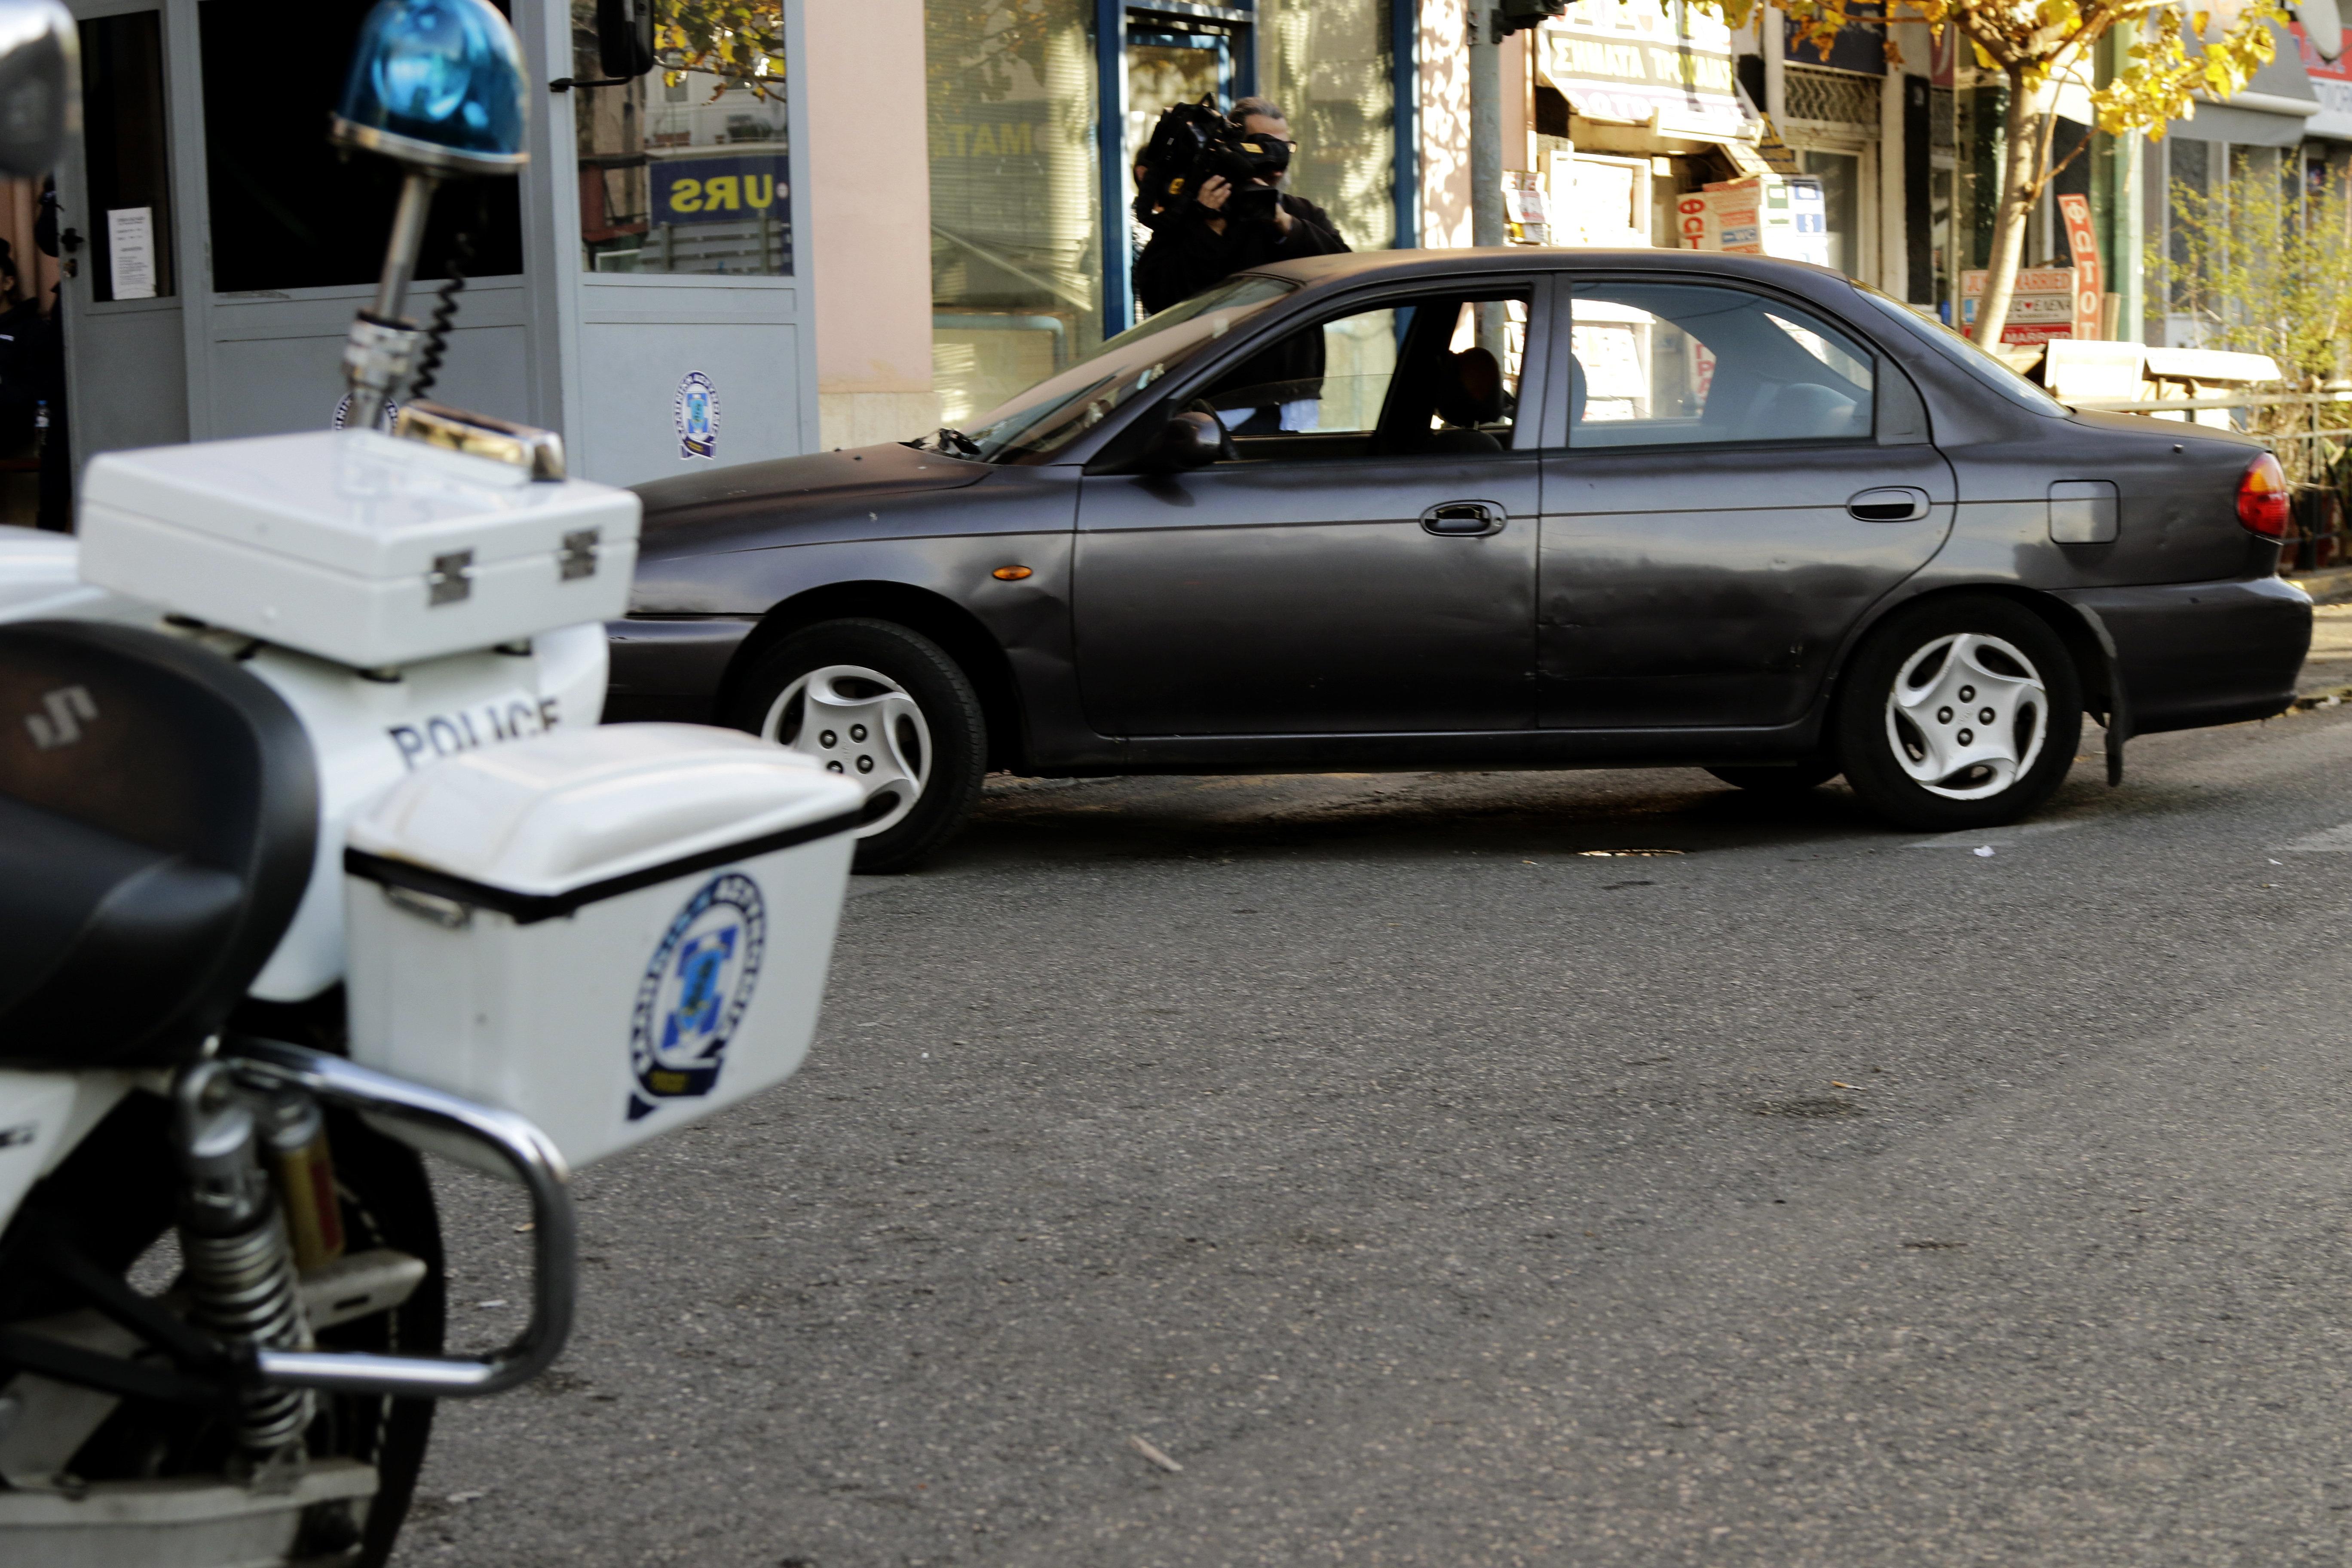 Στοιχεία-σοκ από την Τροχαία: 874 οδηγοί οδηγούσαν υπό την επήρεια